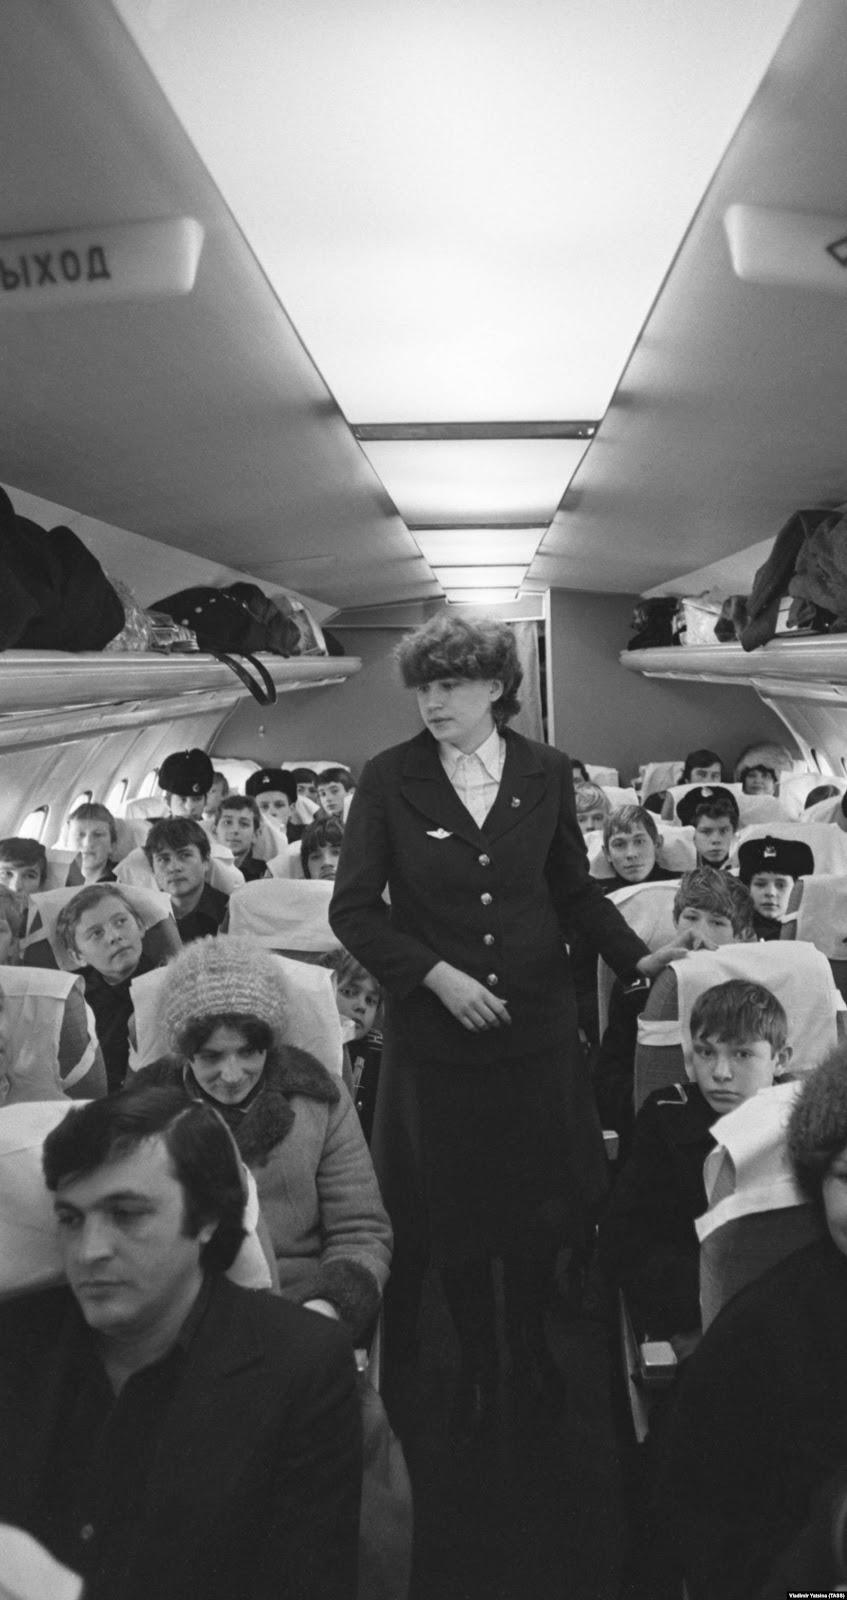 Салон самолета Ту-154, рейс Киев — Владивосток, 1986 год